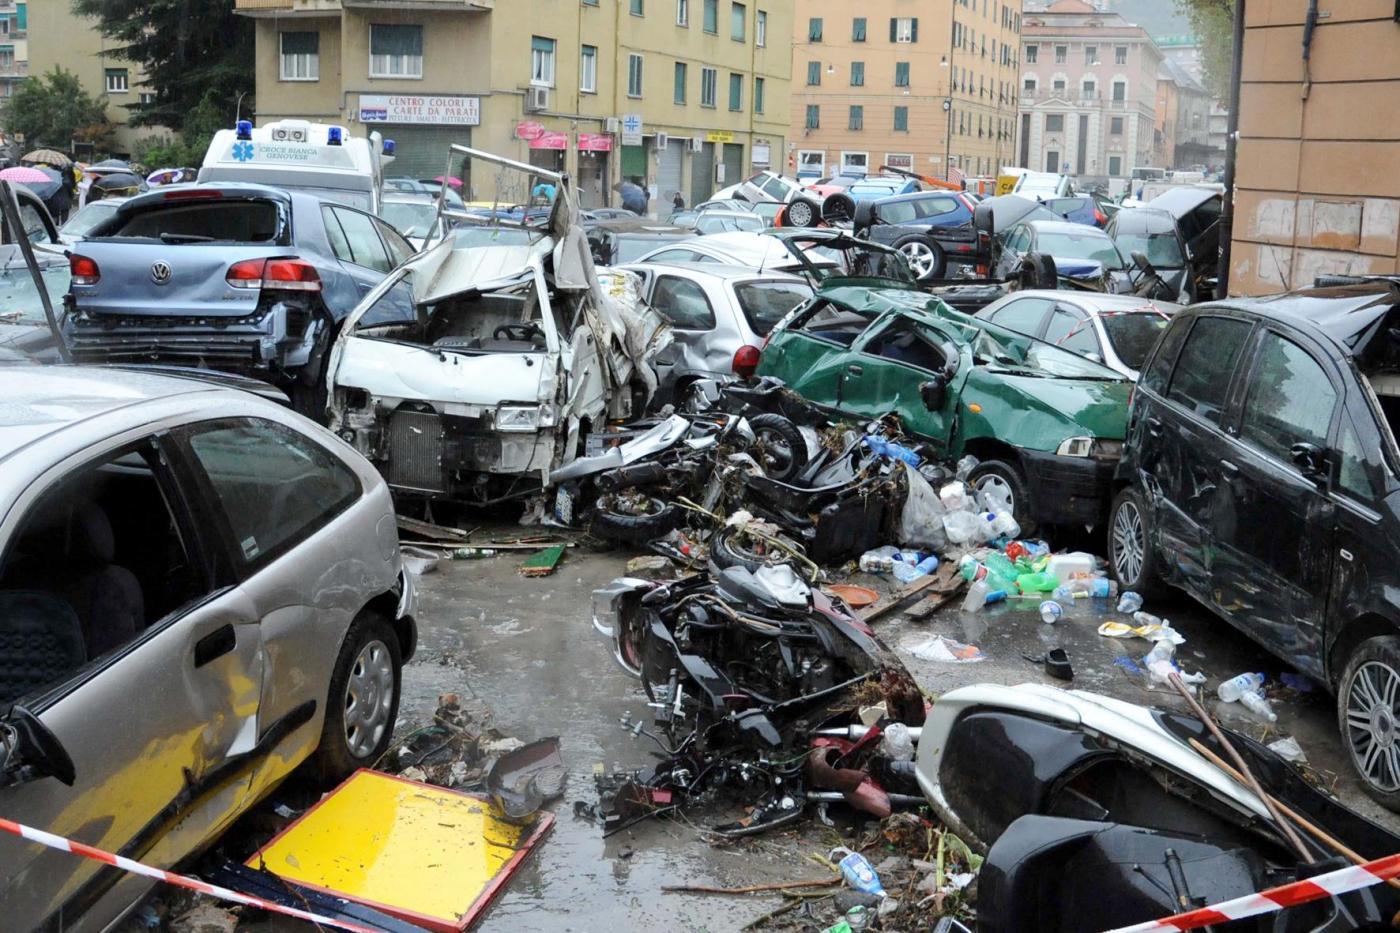 Alluvione di Genova, ancora una notte di paura. Inviato anche l'Esercito per dare una mano